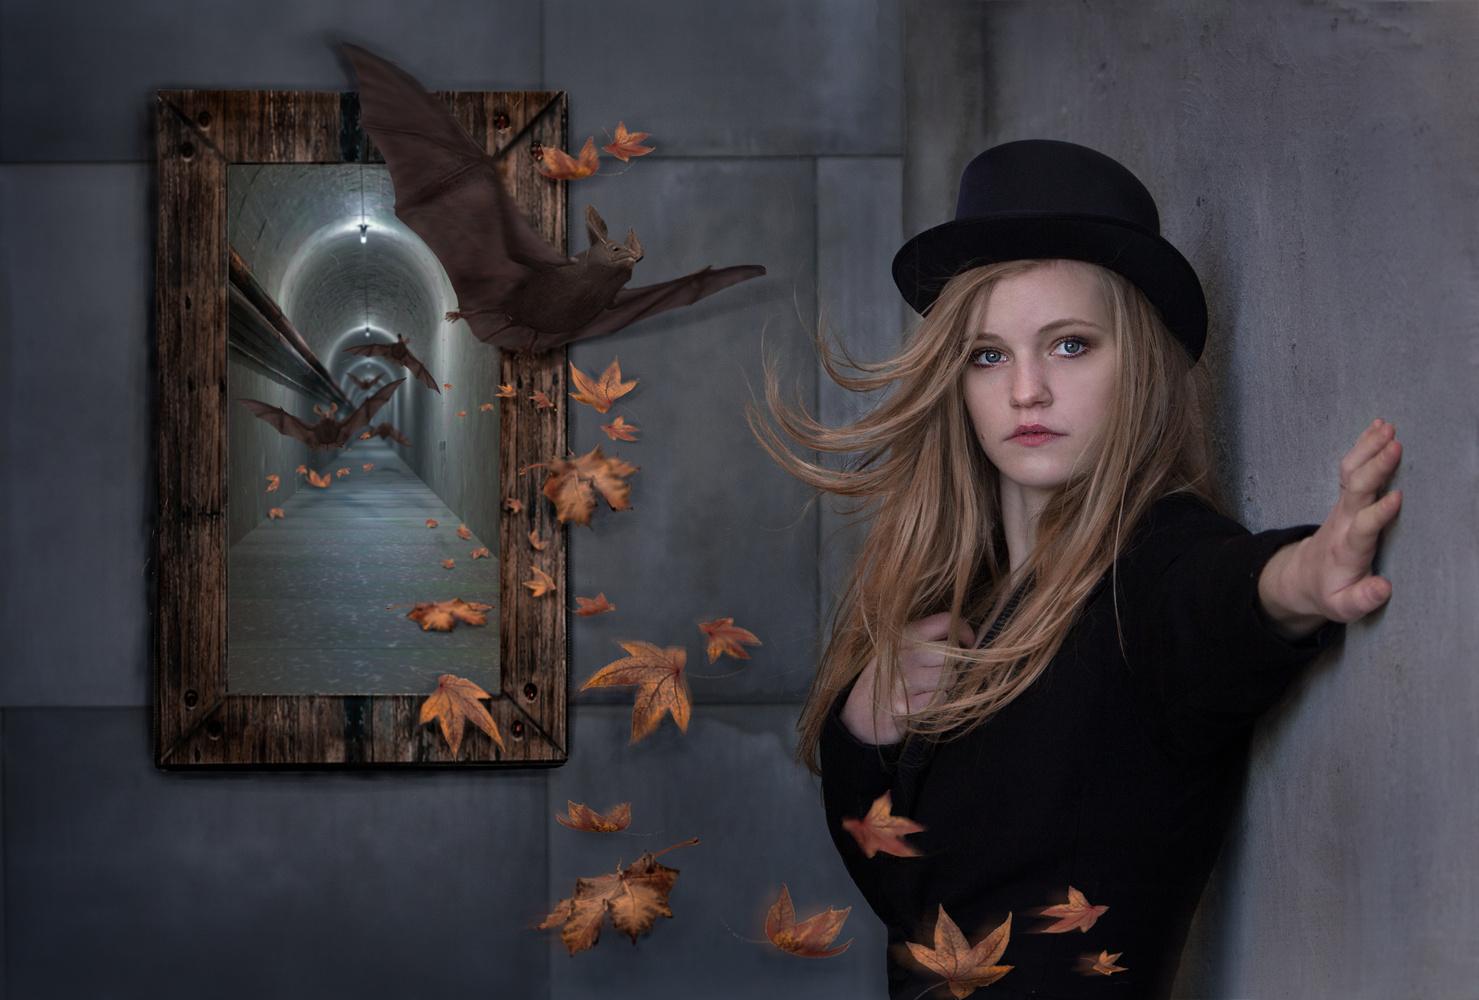 The Portal by Jeanette Bernholm